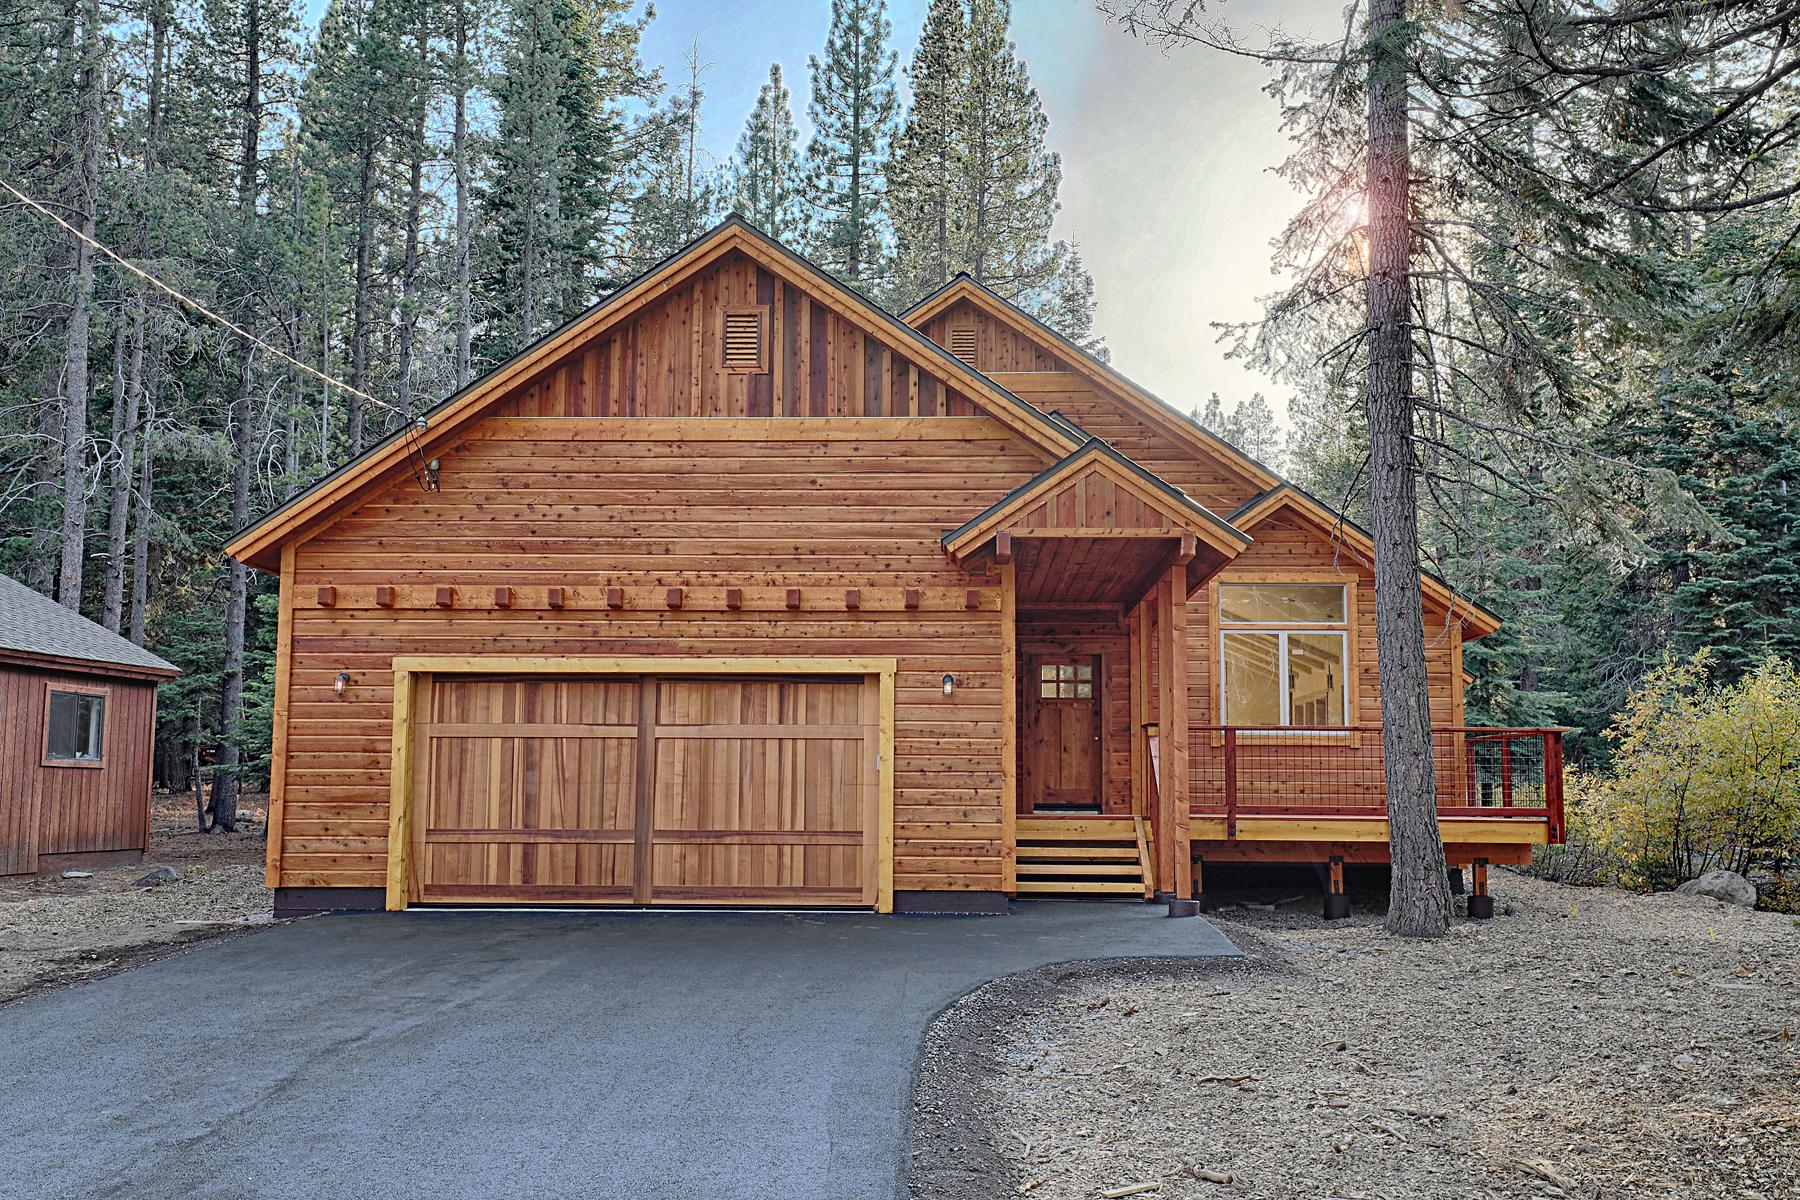 Casa Unifamiliar por un Venta en 14141 Tyrol Road, Truckee, CA 14141 Tyrol Road Truckee, California 96161 Estados Unidos